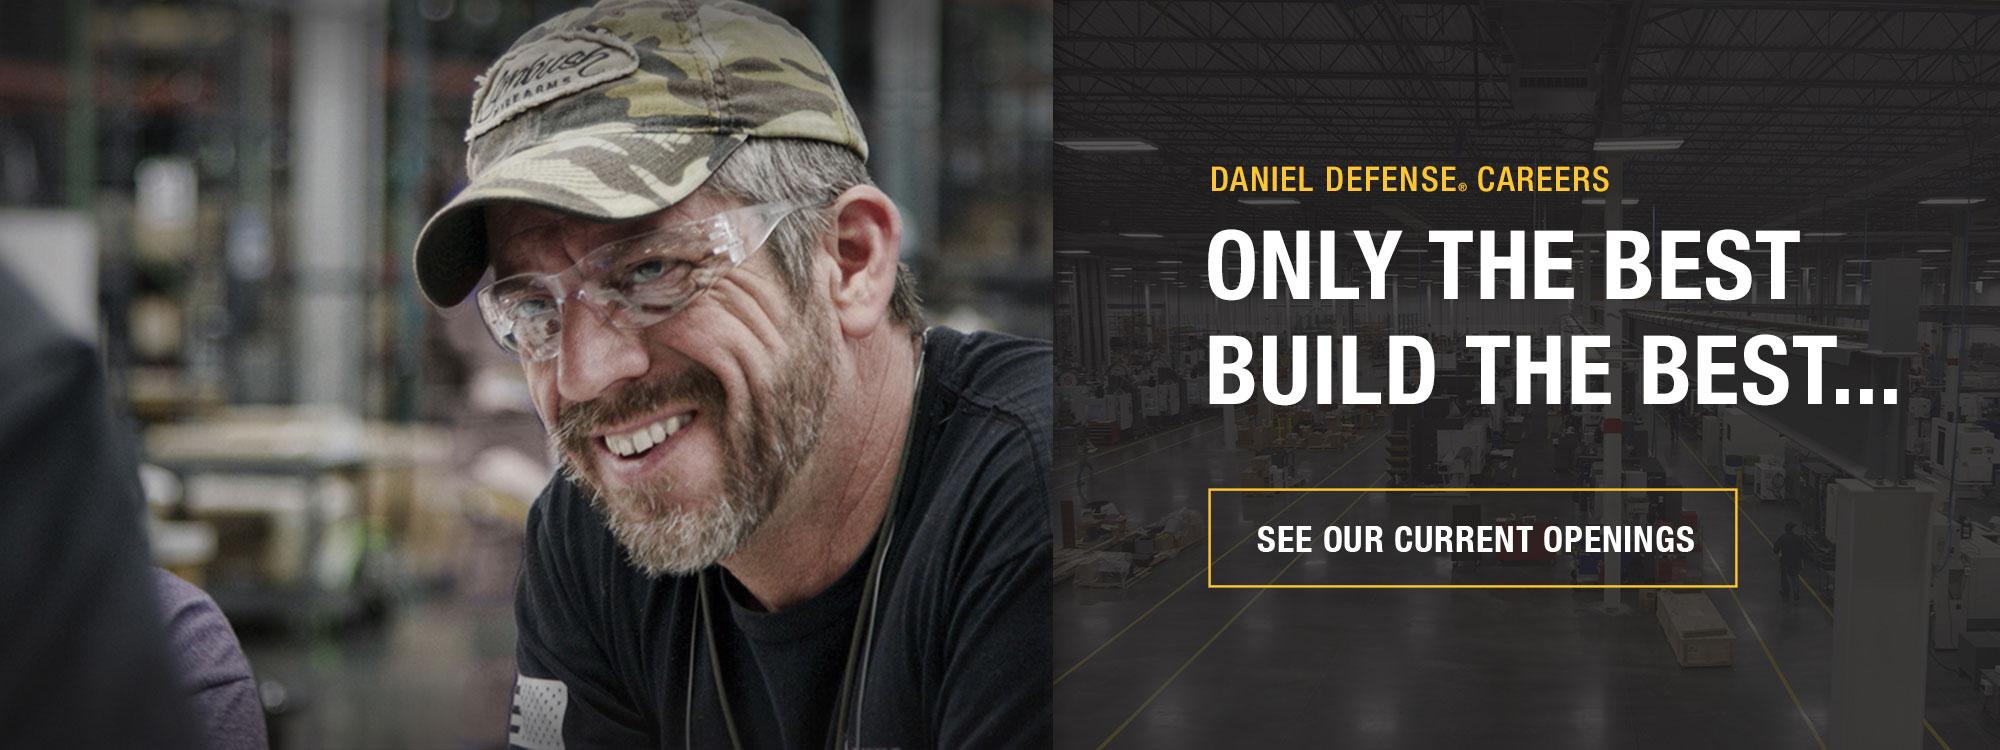 Daniel Defense Careers